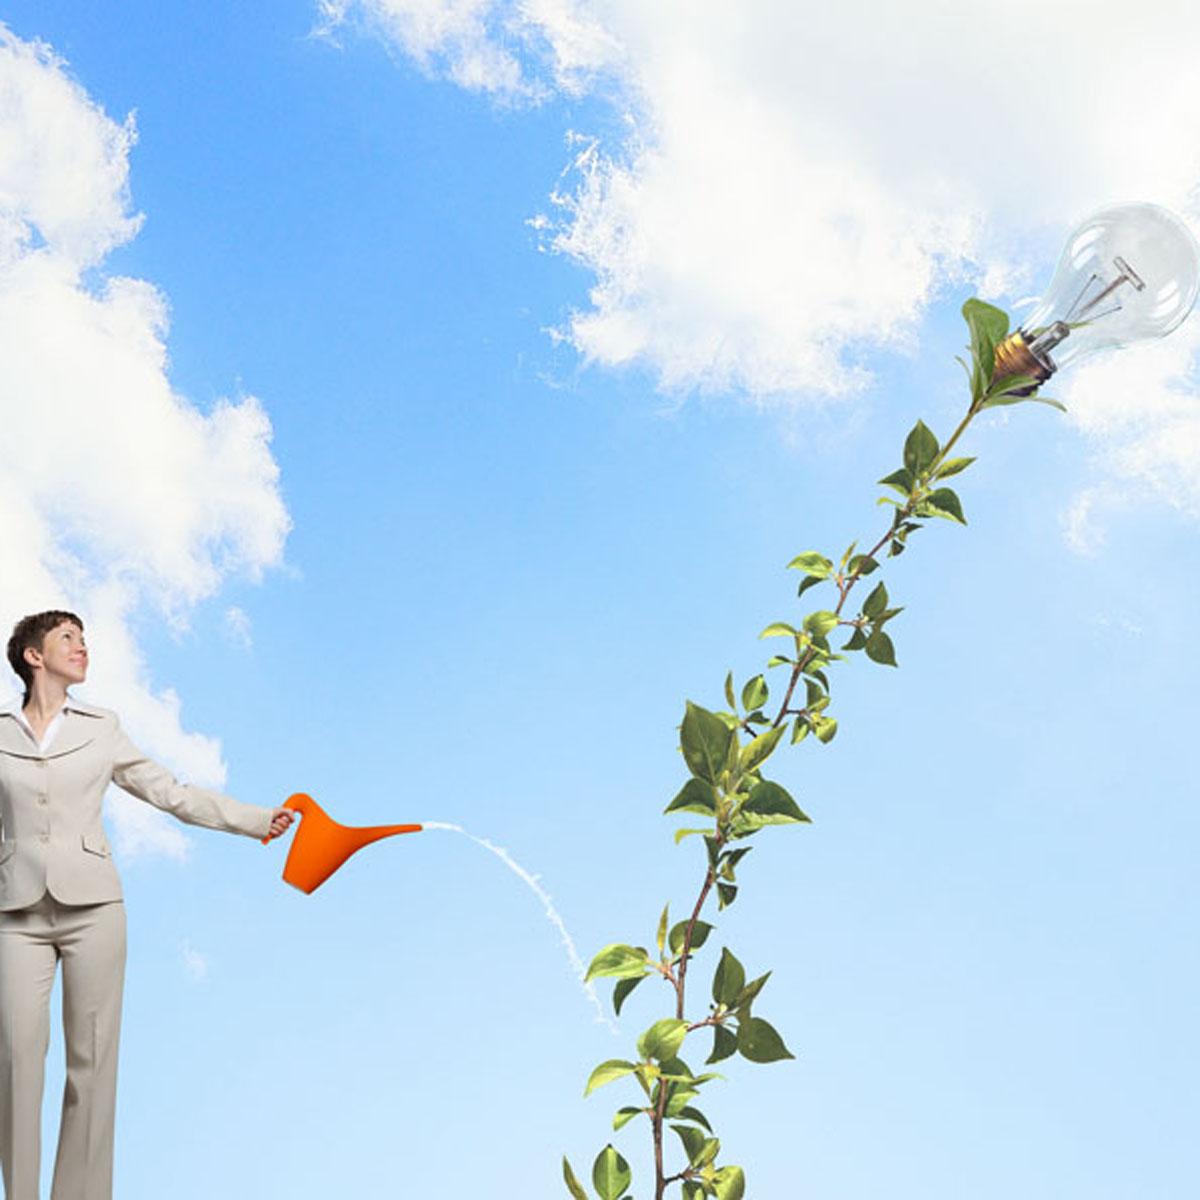 会社員の5人に1人が加入。「確定拠出年金(企業型)」のルールと、賢く使うポイントを解説